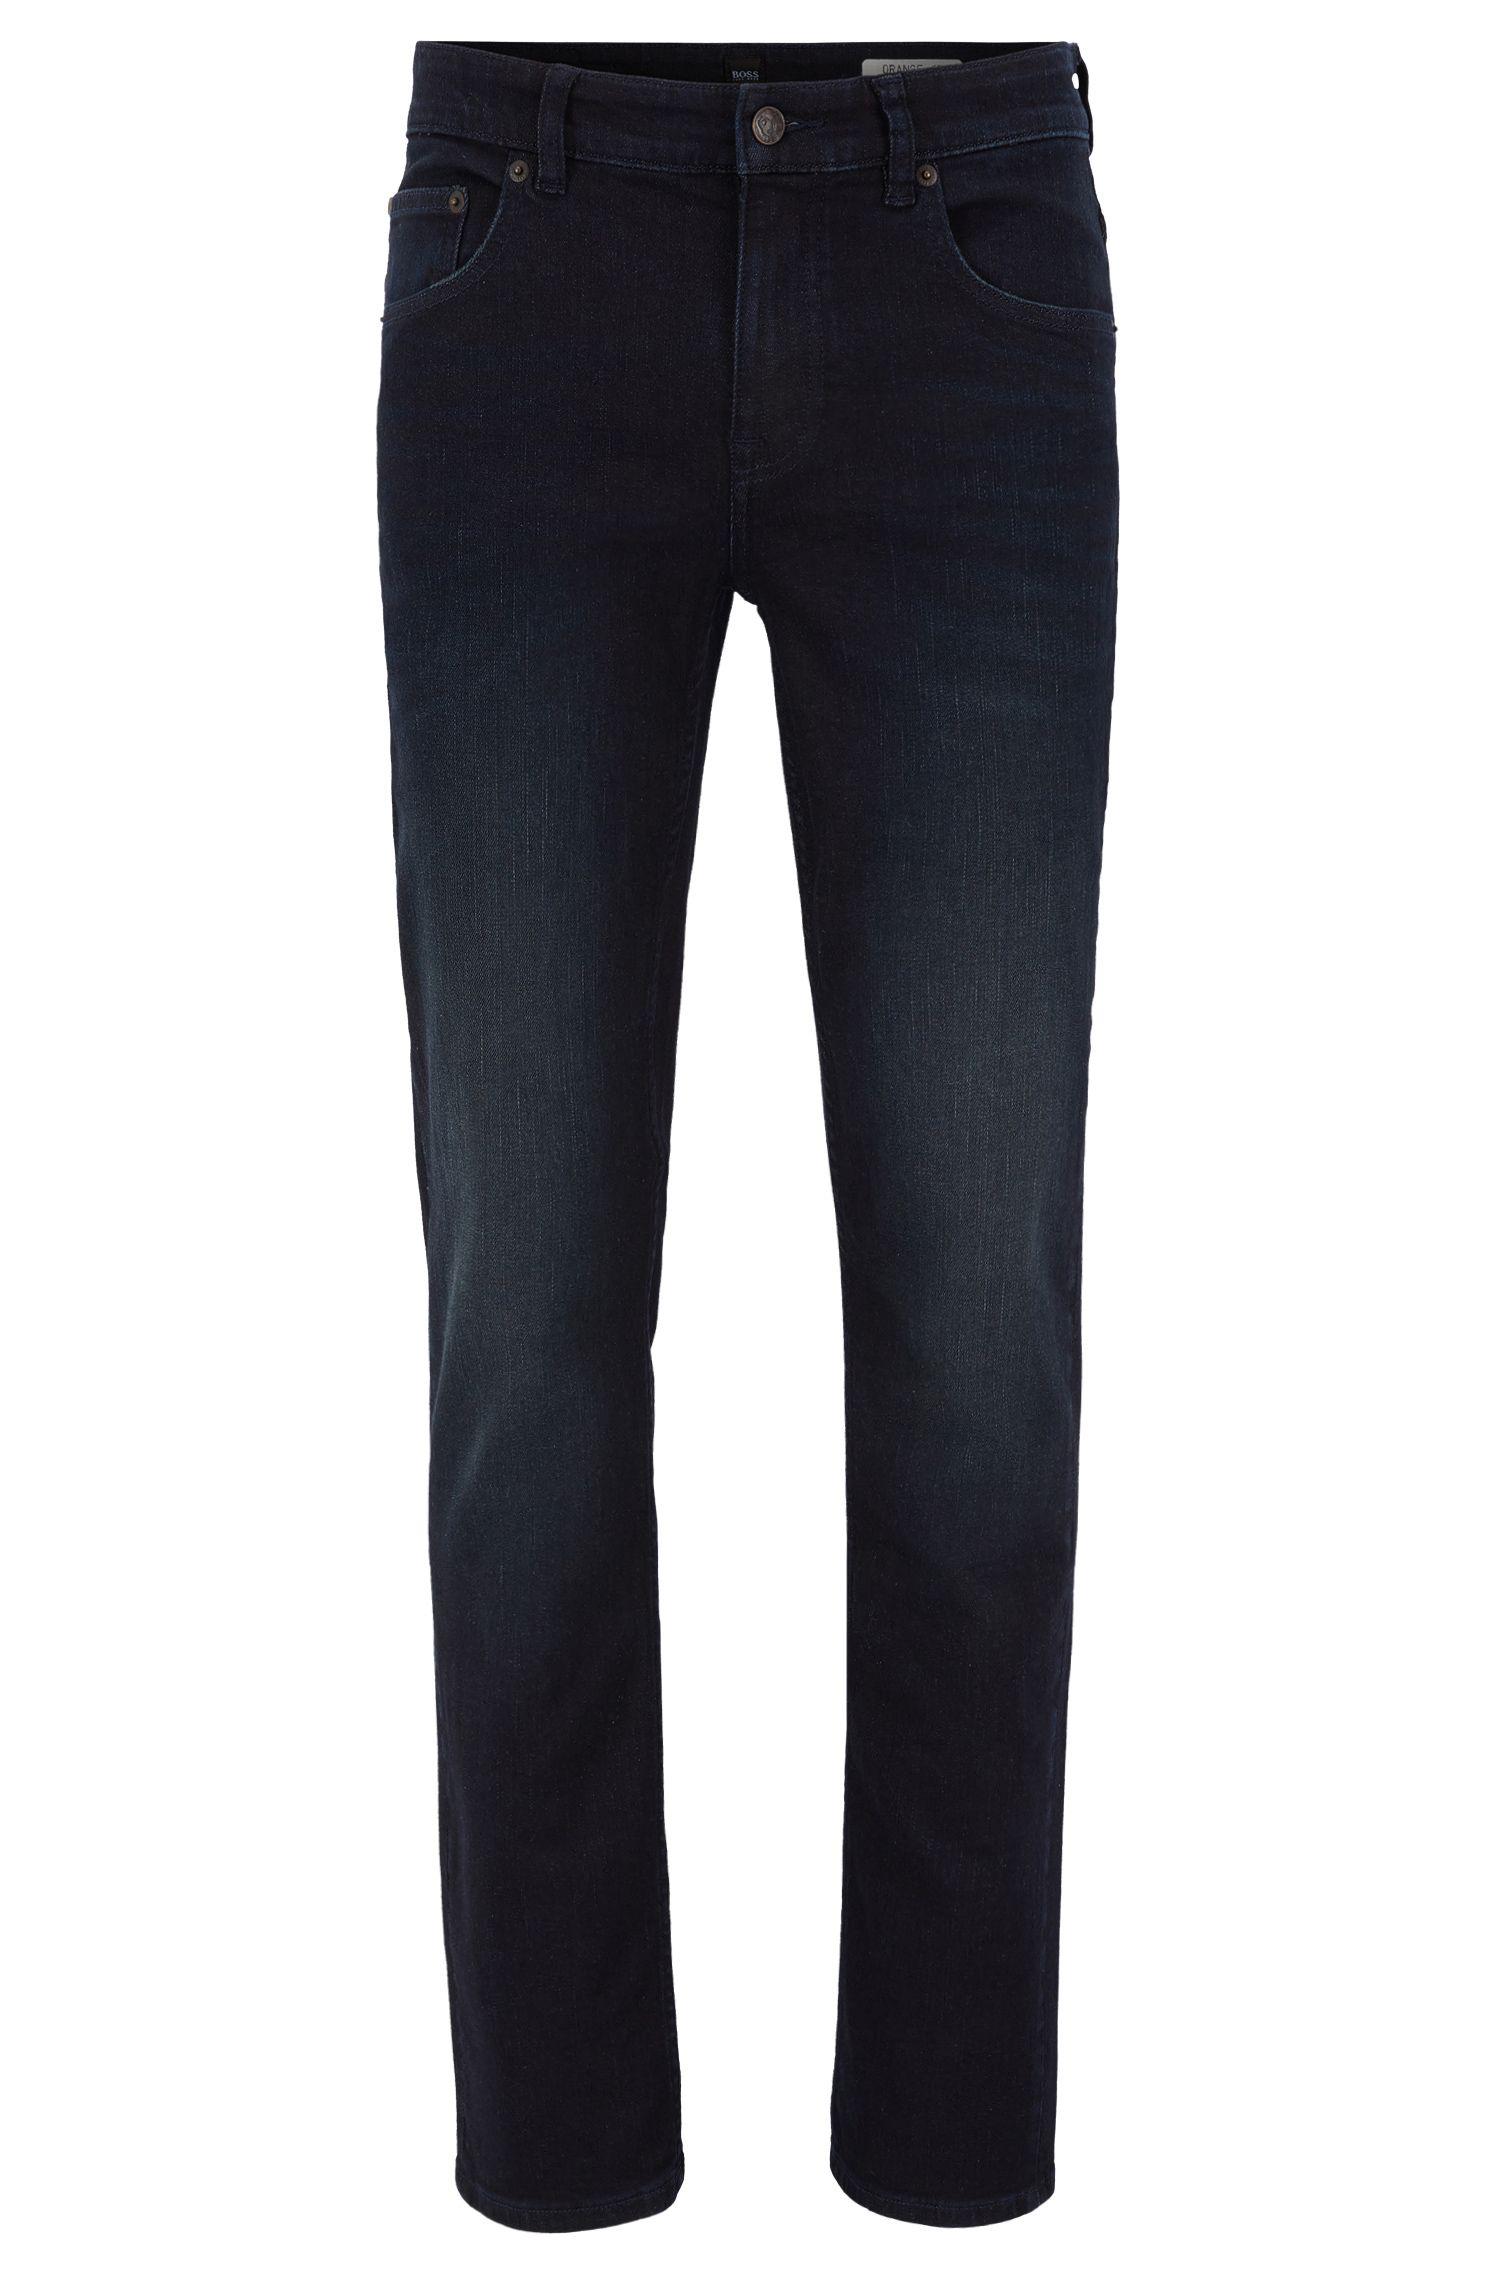 Slim-fit jeans in distressed super-stretch denim